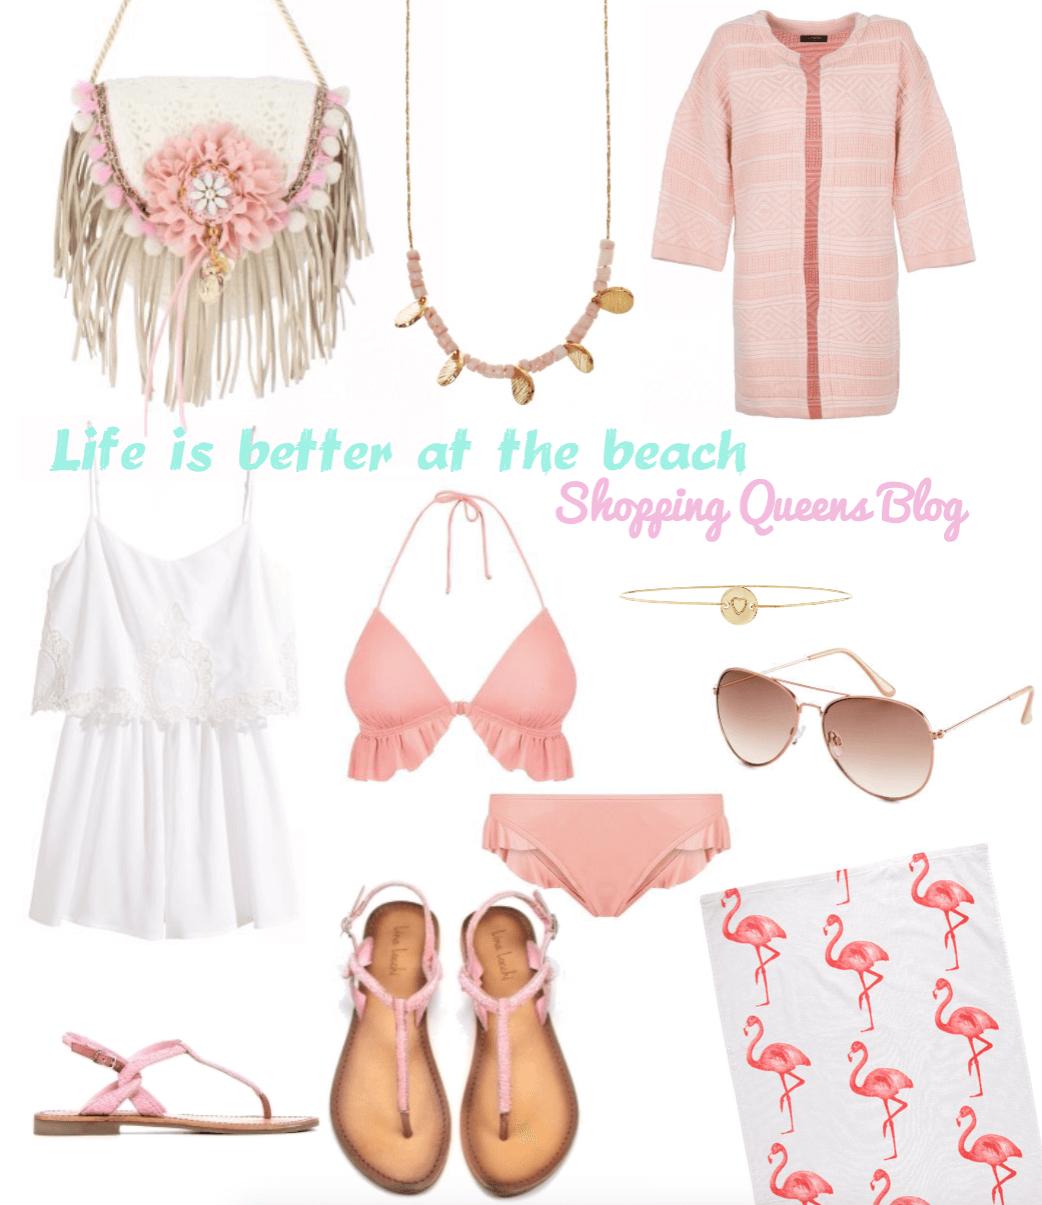 Shopping Queens Blog